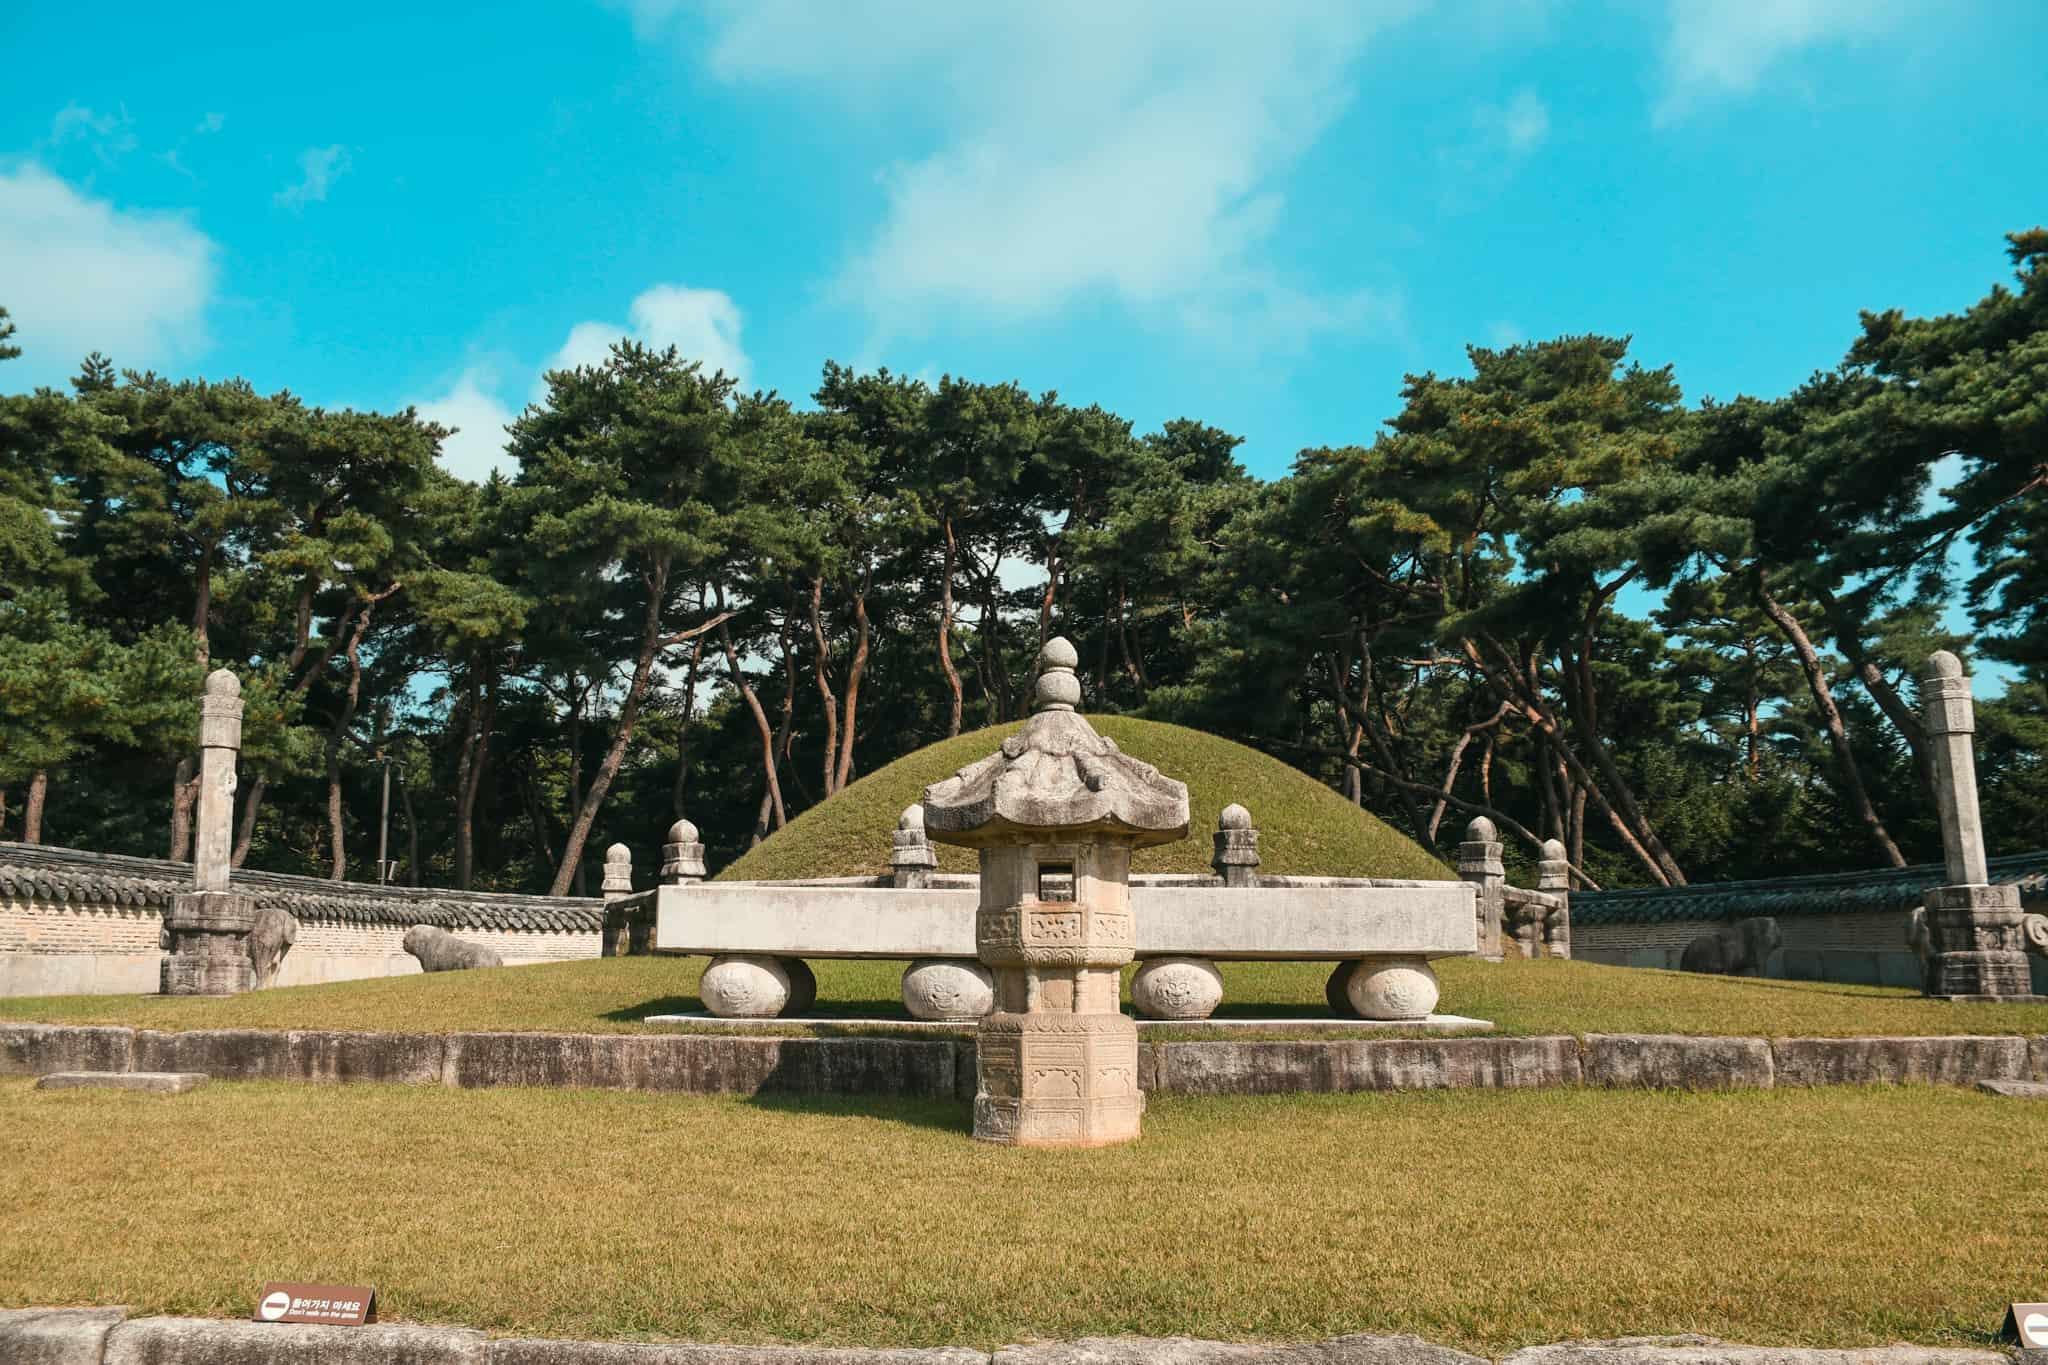 Yeoju Joseon Tombs